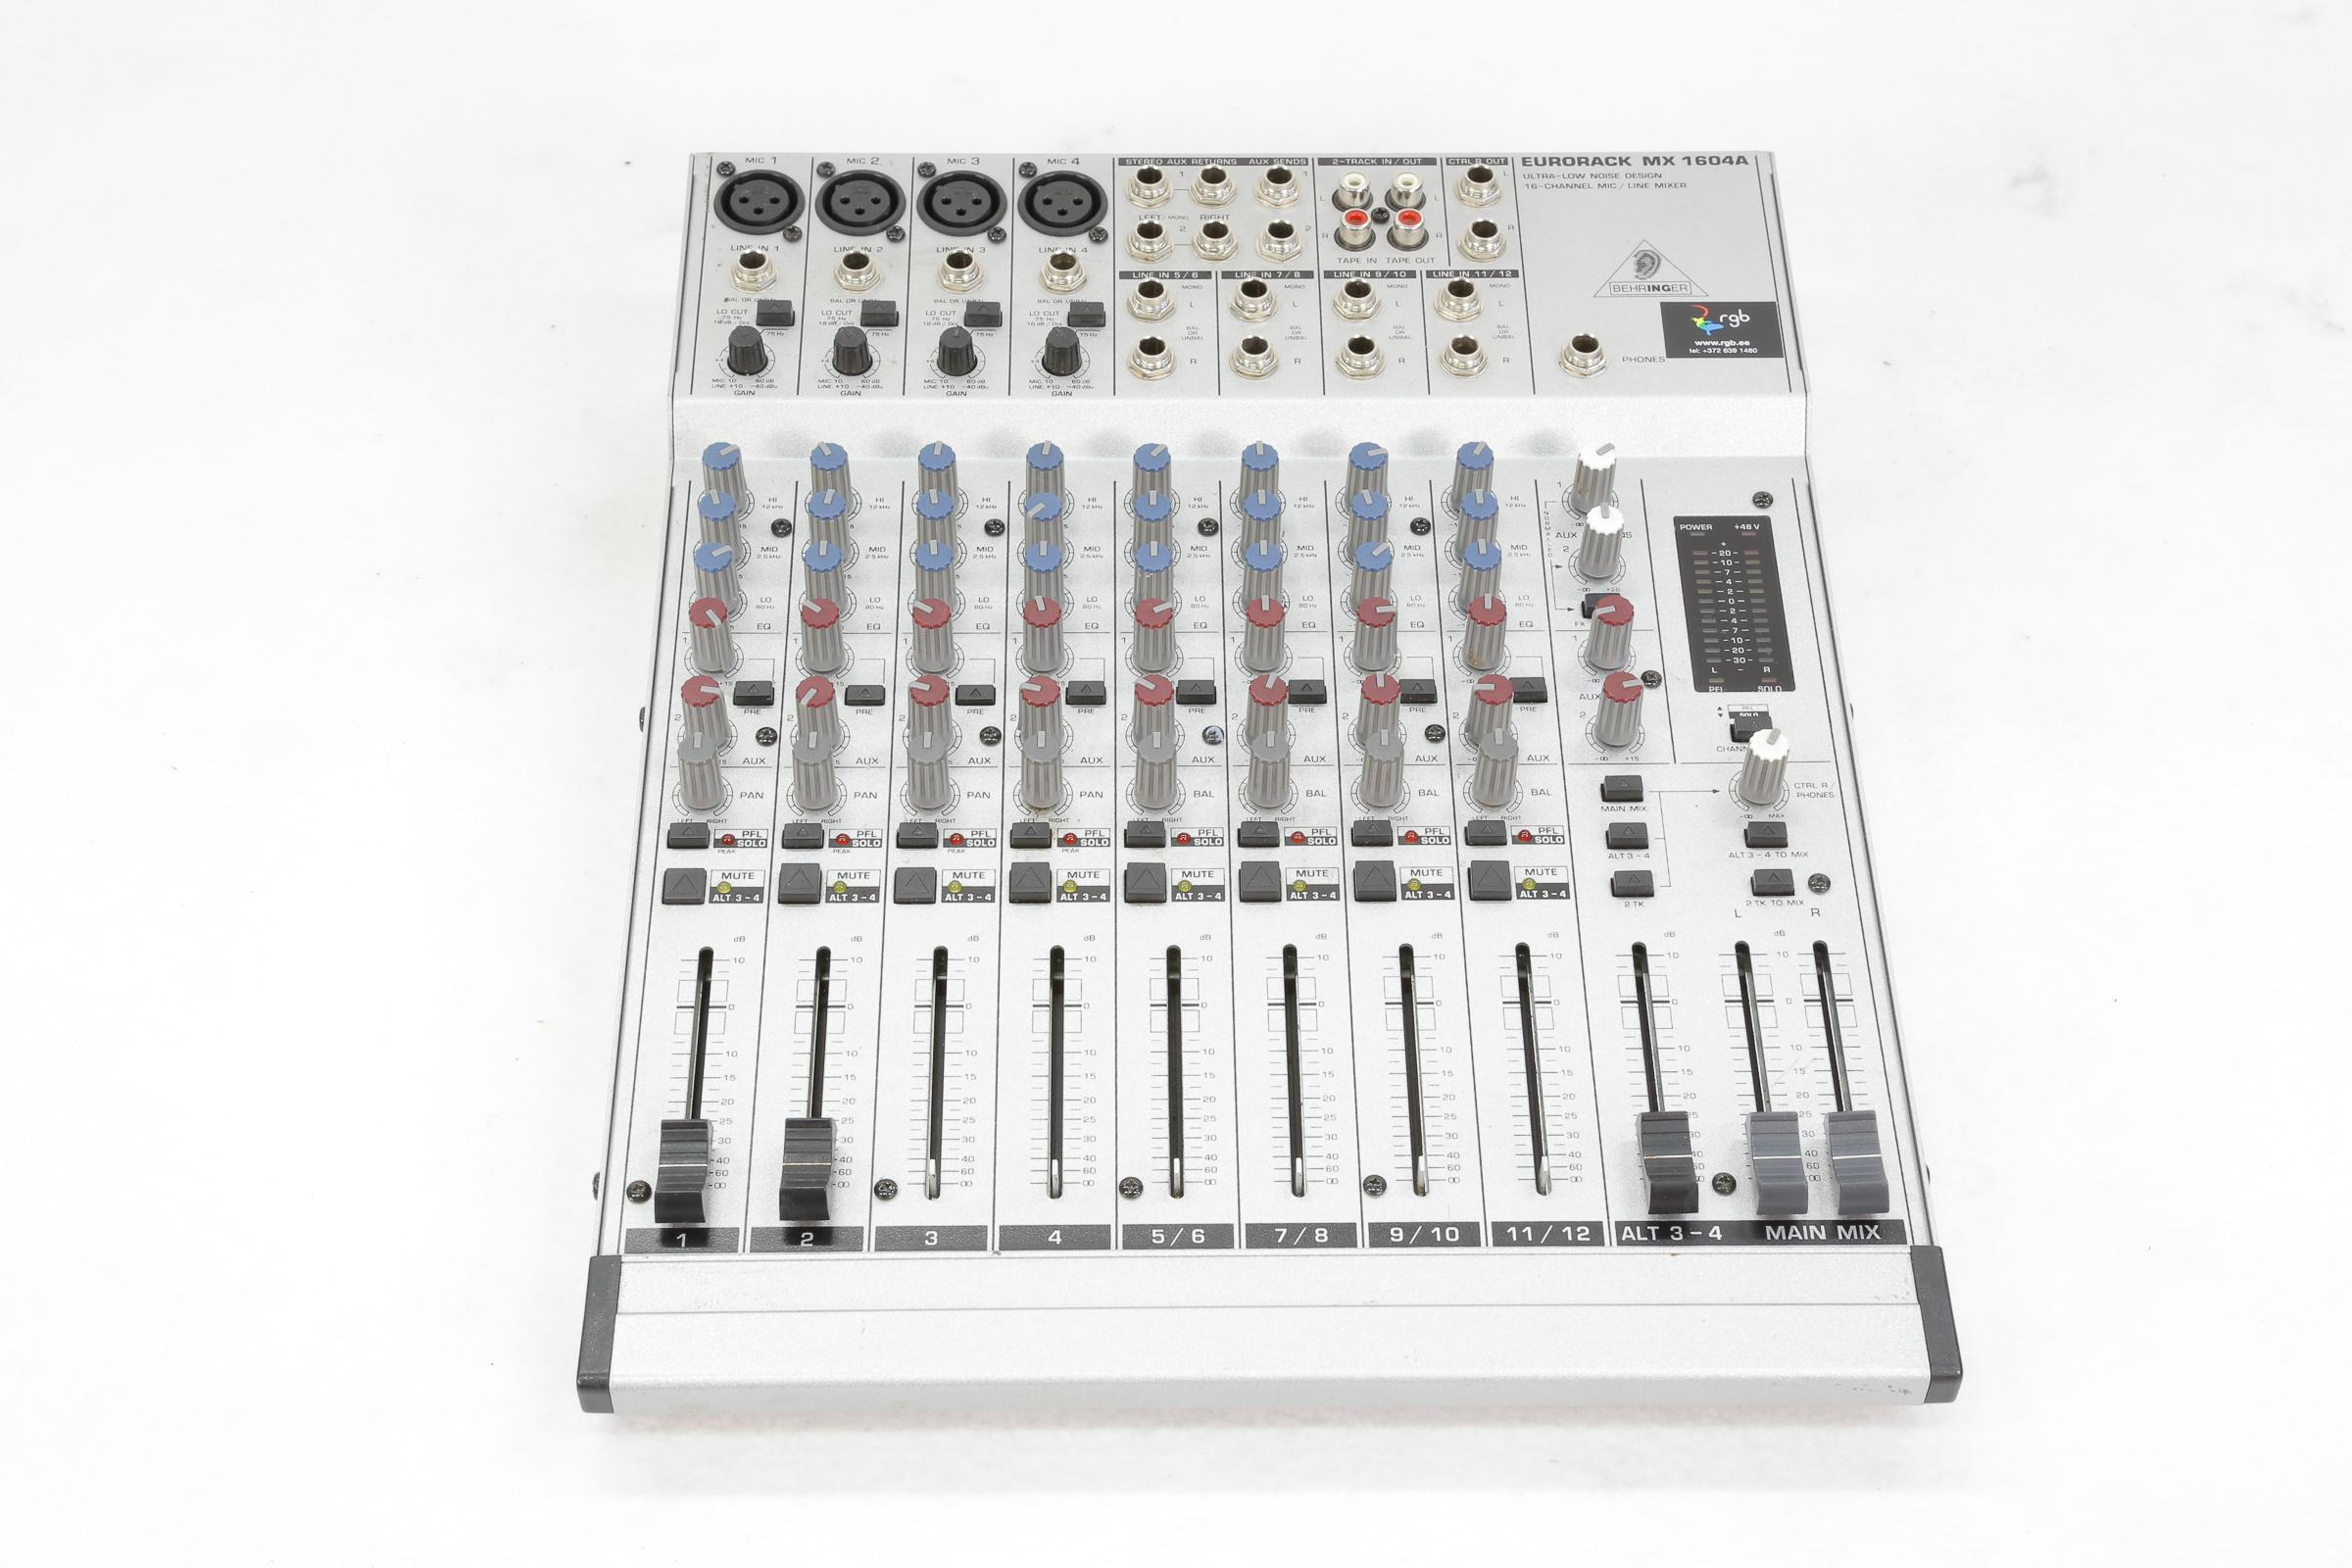 Behringer MX 1604A